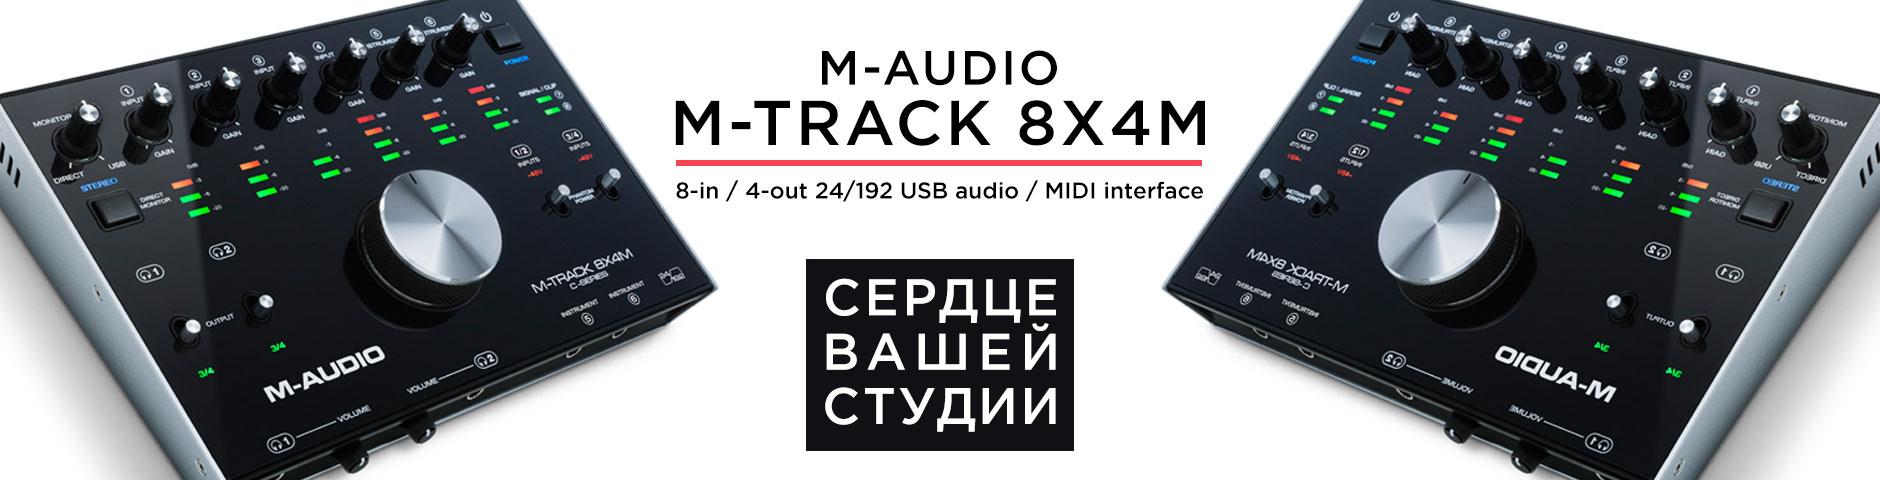 Компания M-Audio анонсировала многофункциональный USB аудиоинтерфейс M-Audio M-Track 8X4M.